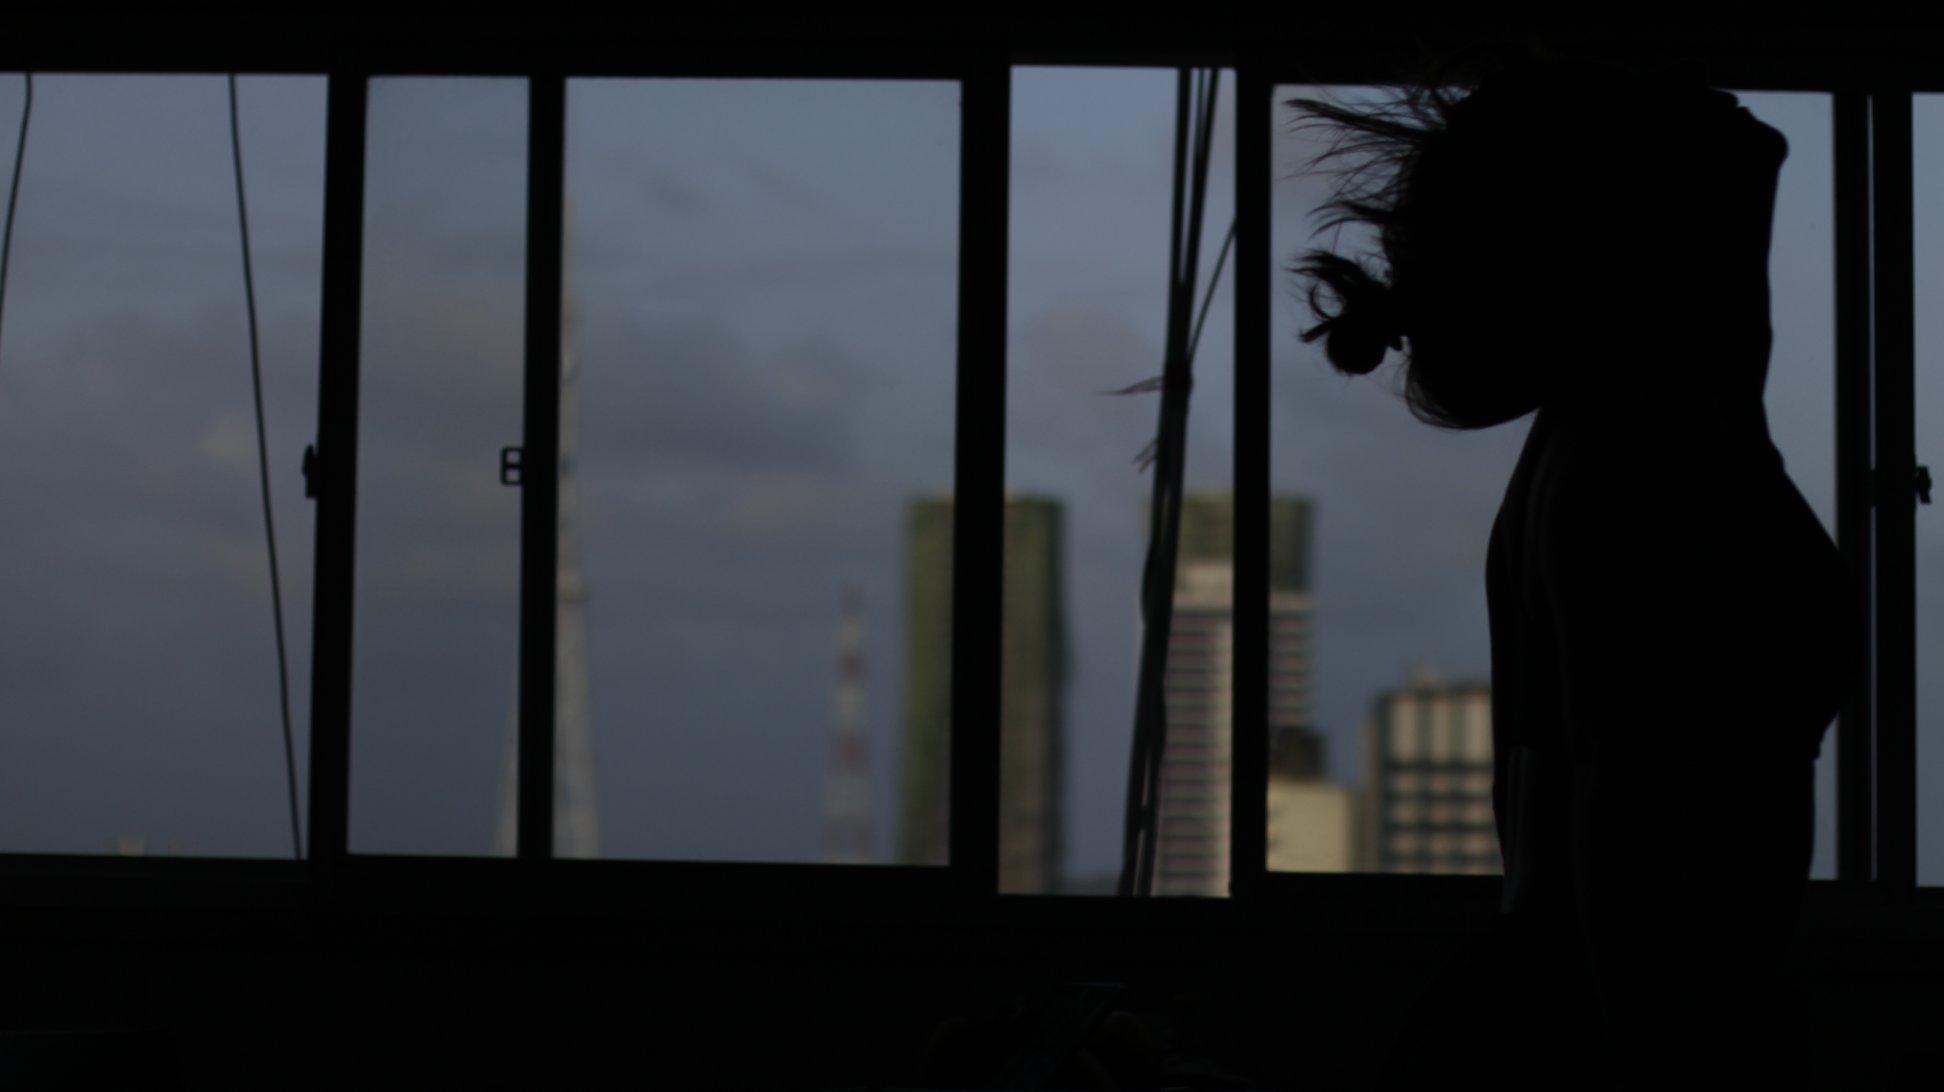 Cena do filme As flores que guardei pra você. No lado direito da imagem é possível ver a silhueta de Ju, uma mulher ainda jovem. Ela está de perfil, sua cabeça está inclinada para cima, seus cabelos são lisos e ela usa um coque frouxo. Atrás de si há uma grande janela com vista para parte de alguns prédios da cidade e o céu de um início de anoitecer.